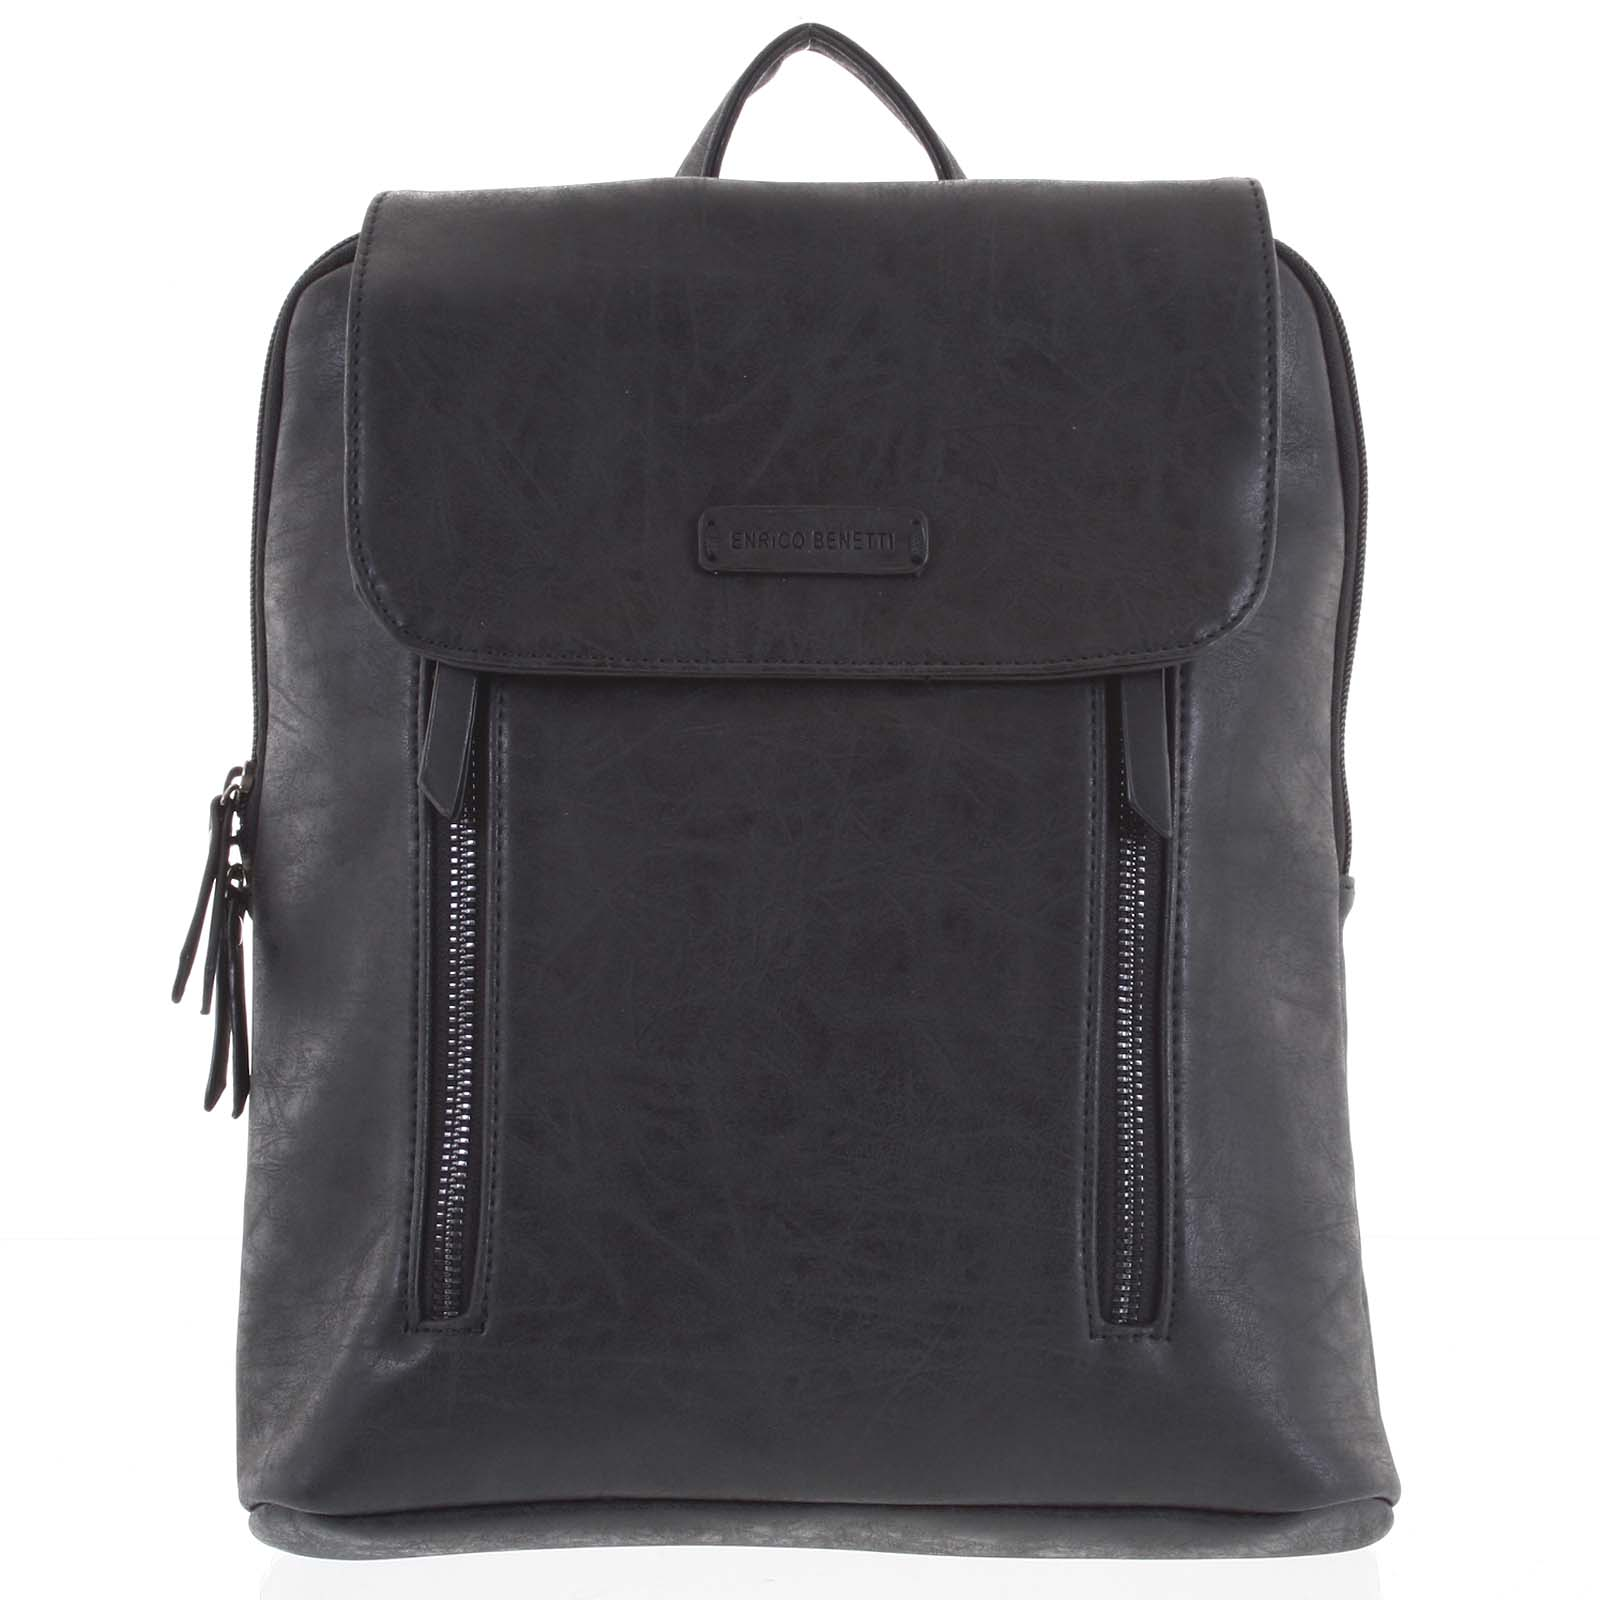 Dámsky stredný batoh čierny - Enrico Benetti Aviana